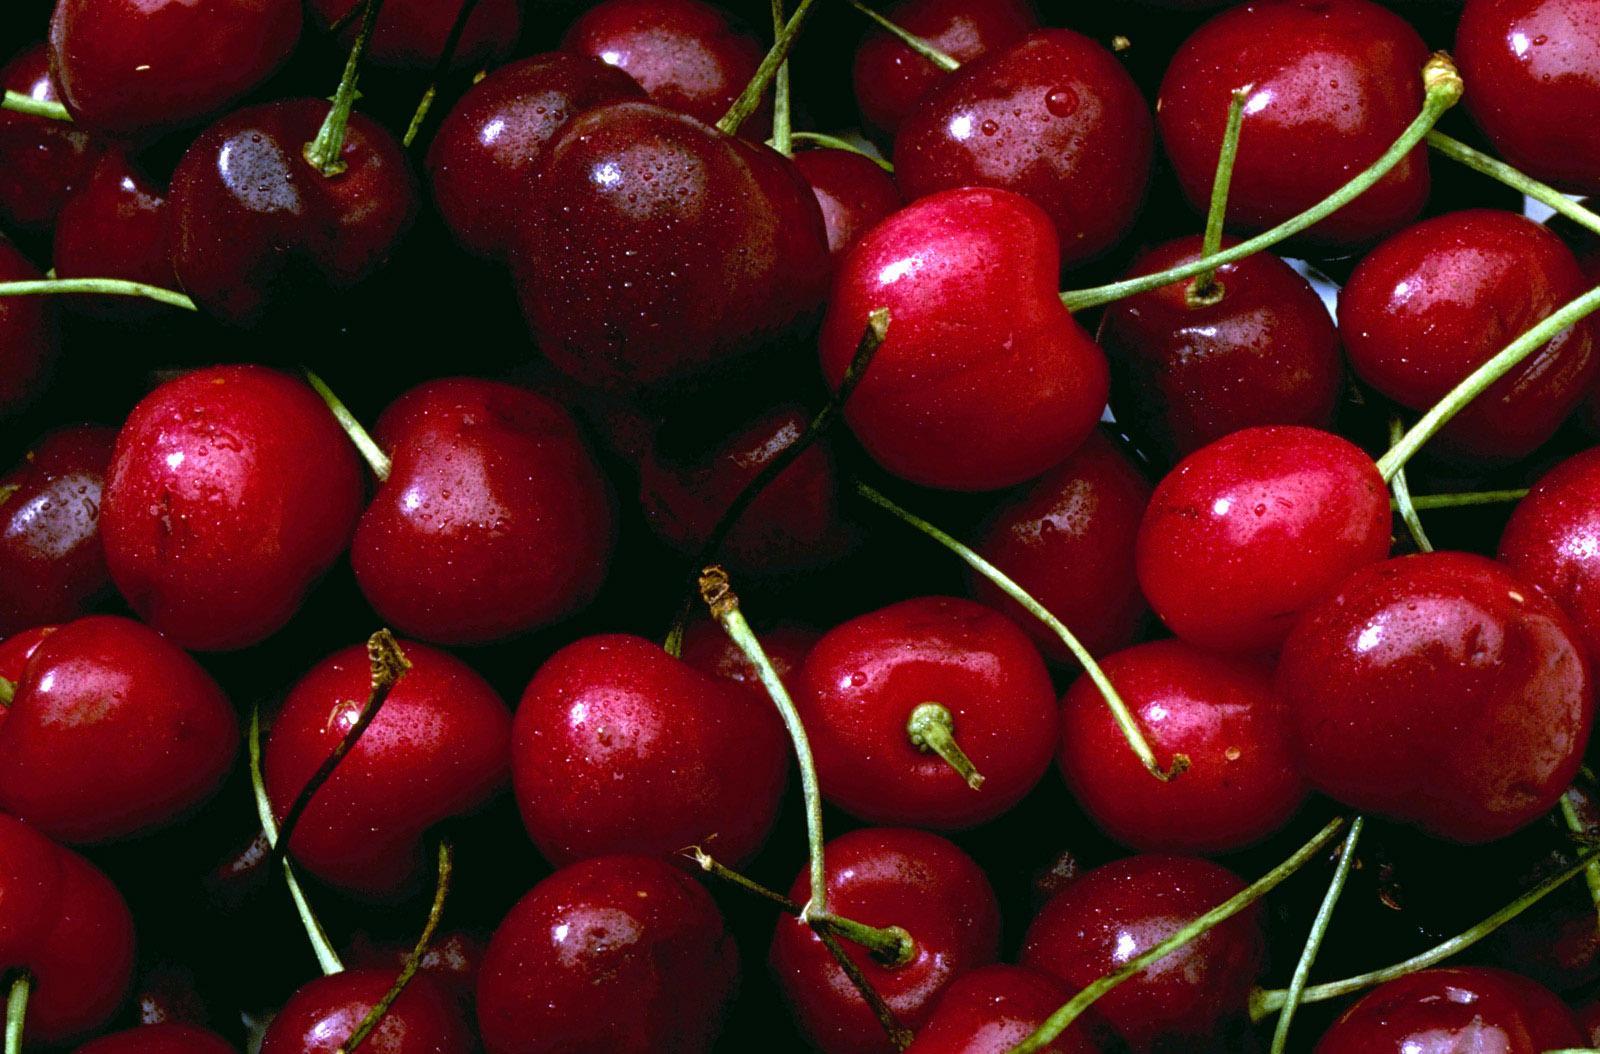 Красивые и прикольные картинки вишни - подборка изображений 2